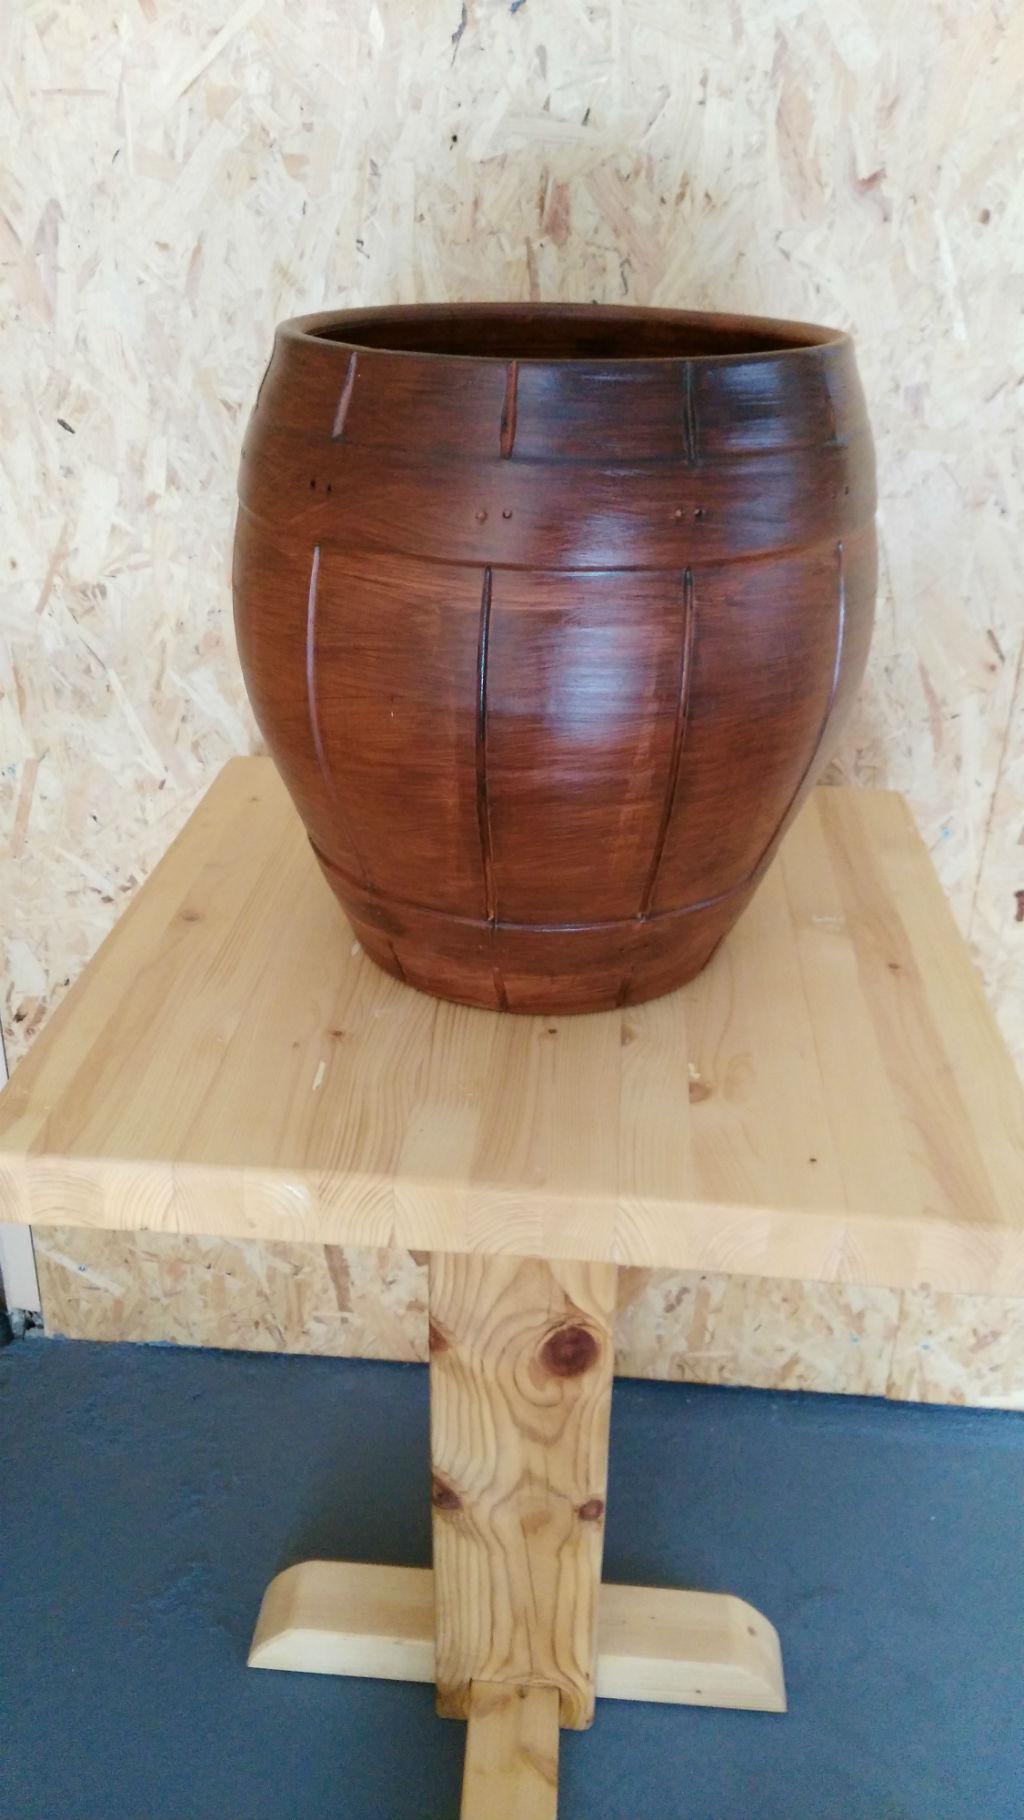 Rusticos y madera maceteros y macetas - Maceteros de madera ...